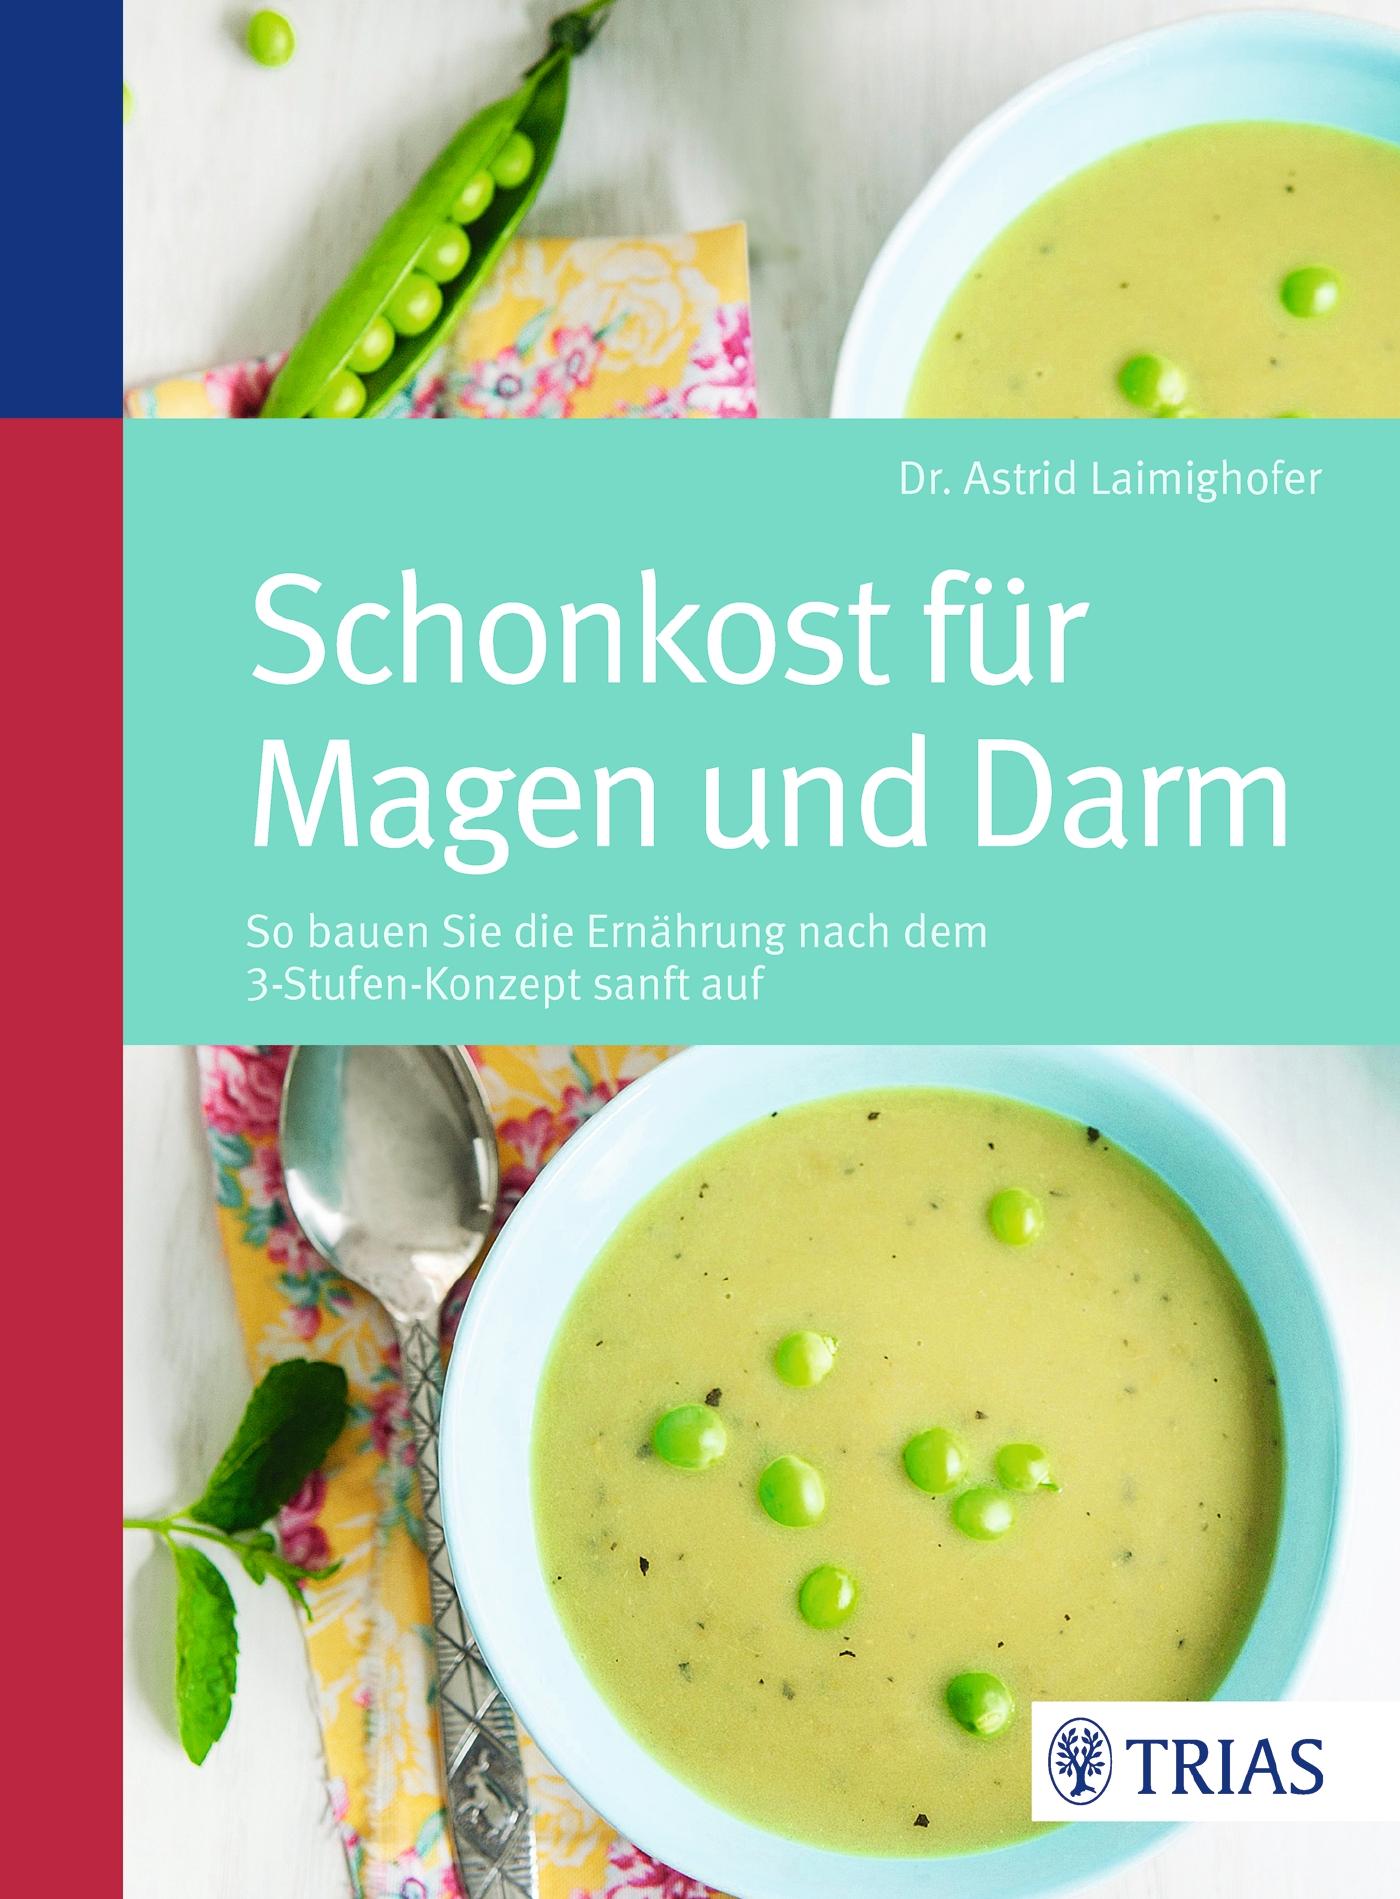 NEU-Schonkost-fuer-Magen-und-Darm-Astrid-Laimighofer-468738